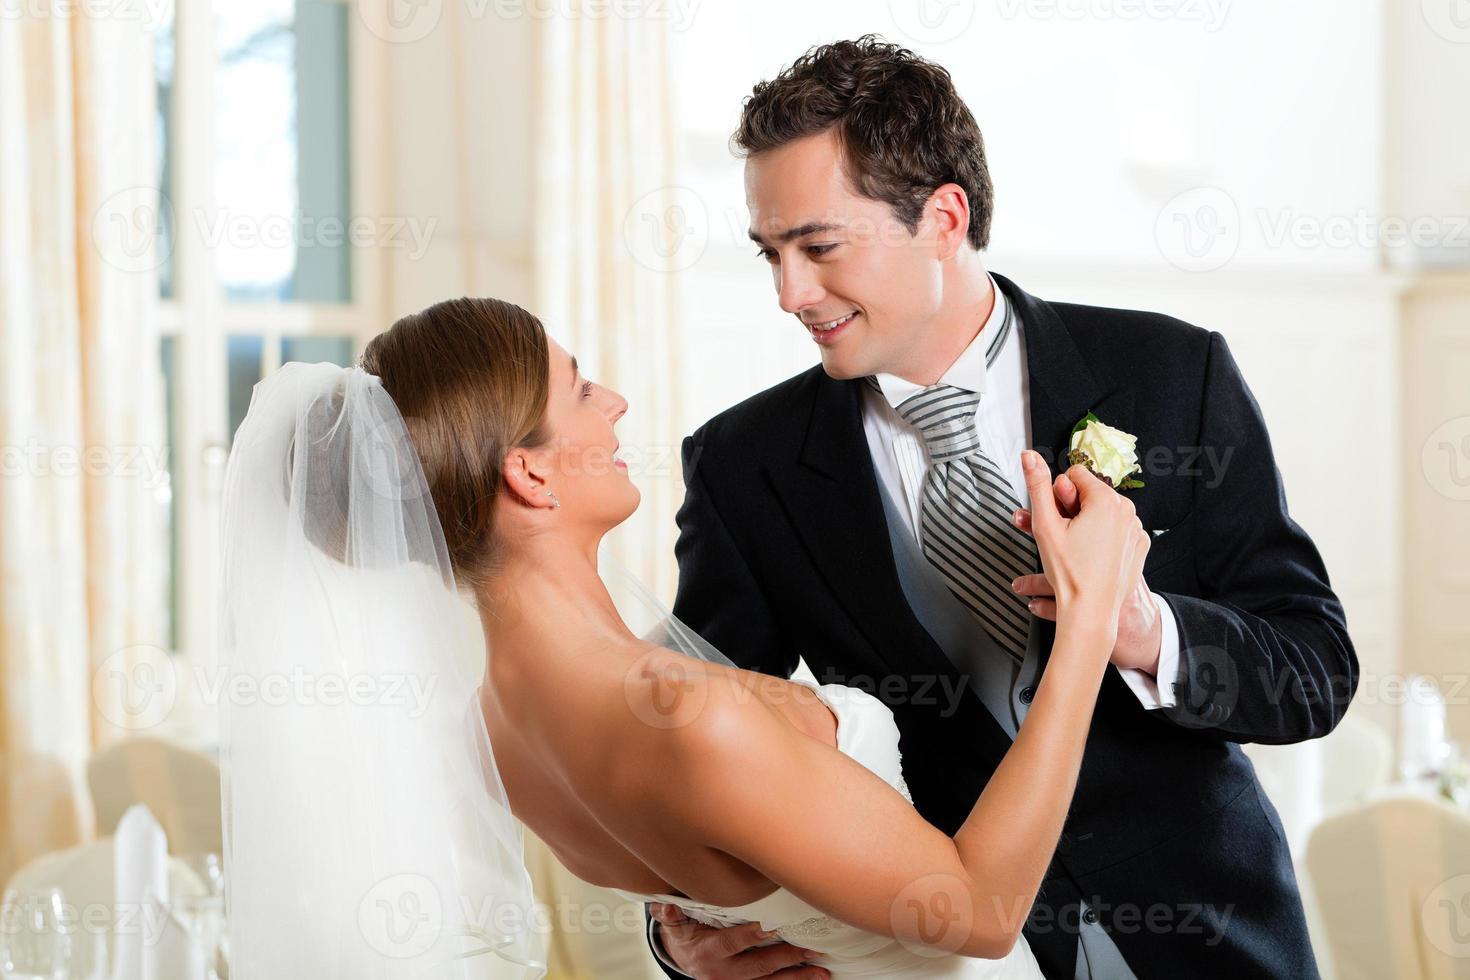 una novia y el novio bailando en su boda foto